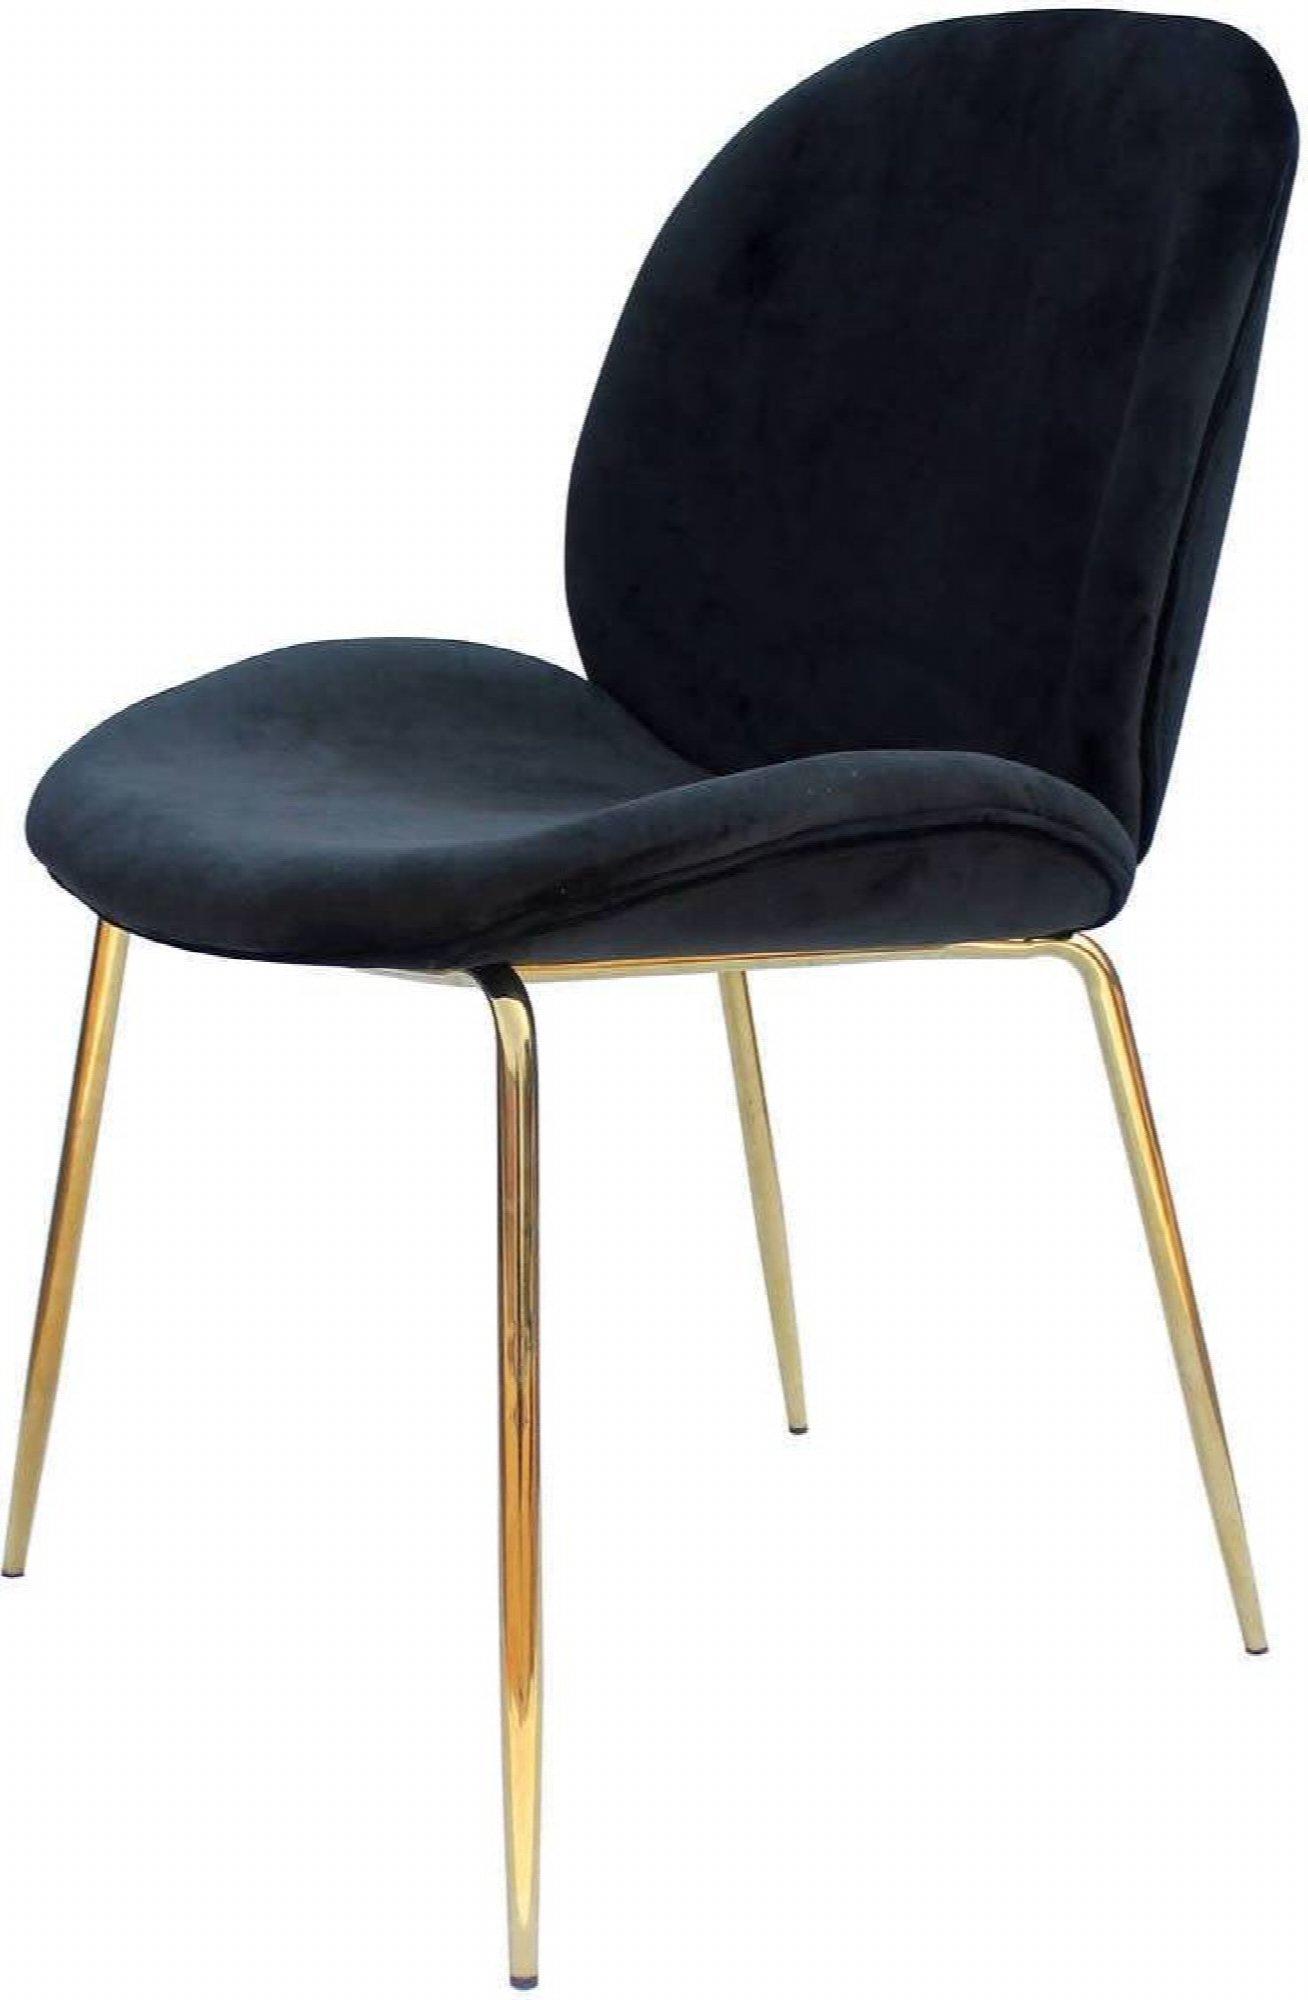 maison du monde Chaise rembourrée assise noir pieds doré (lot de 2)